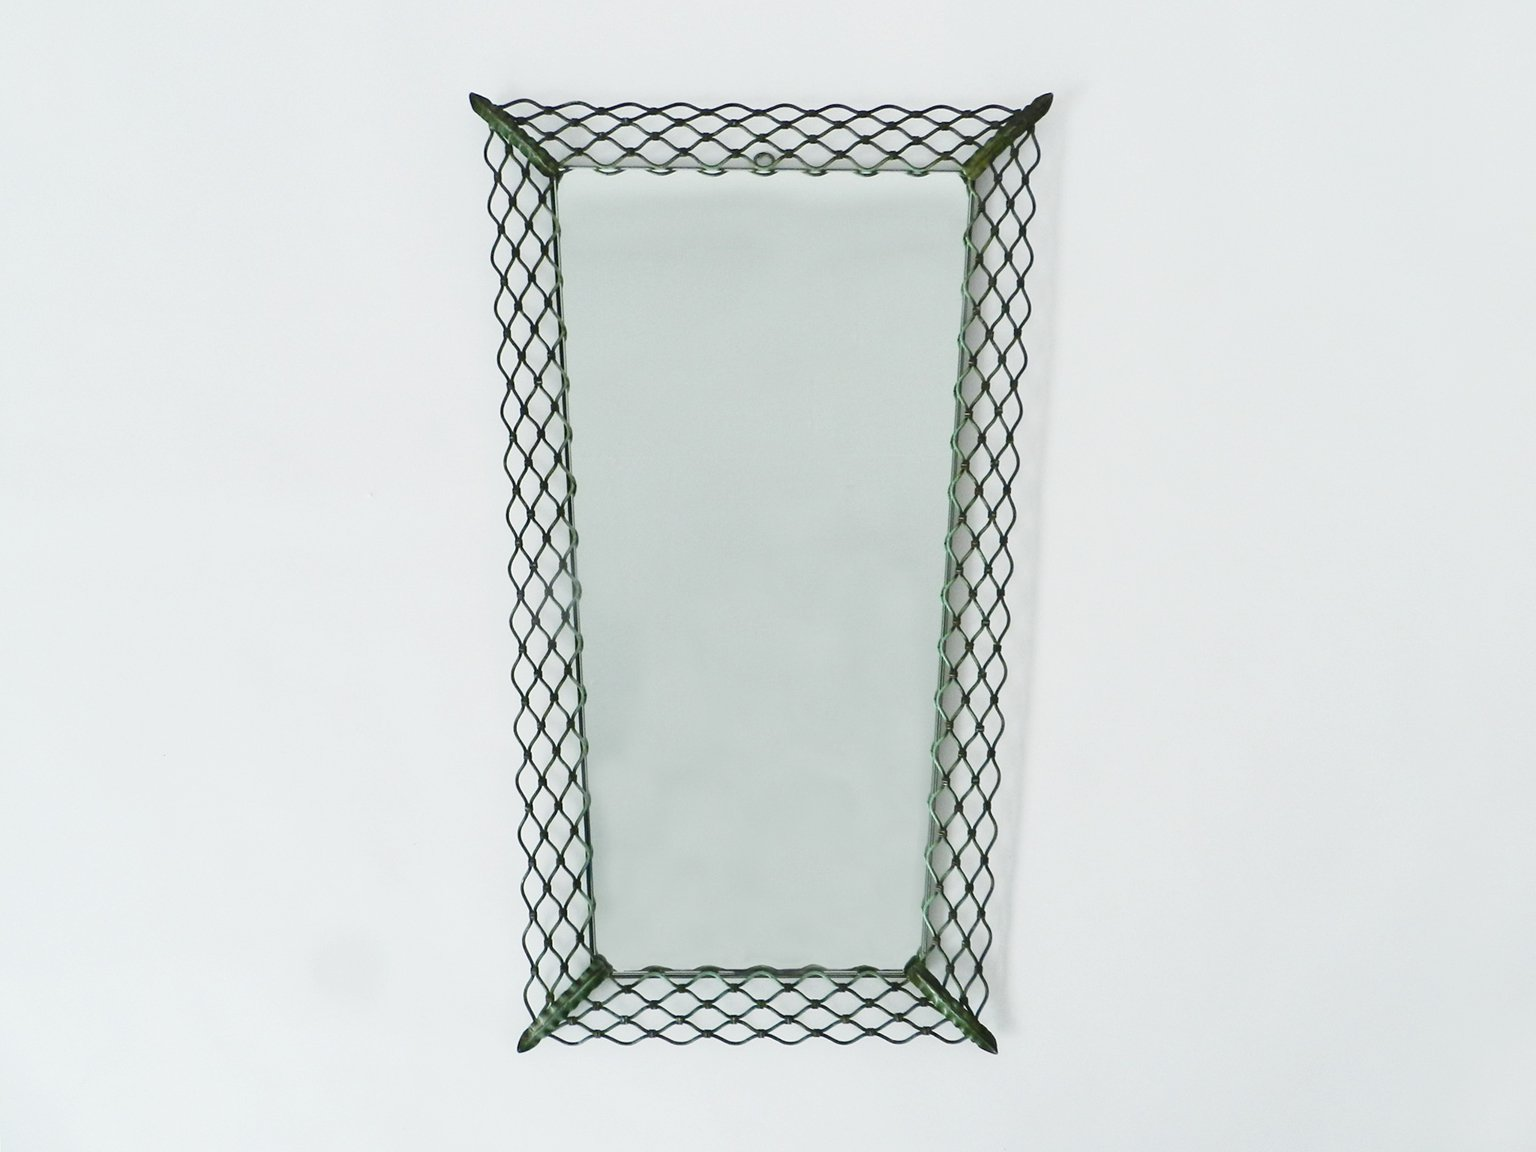 Miroir cadre metal for Miroir cadre